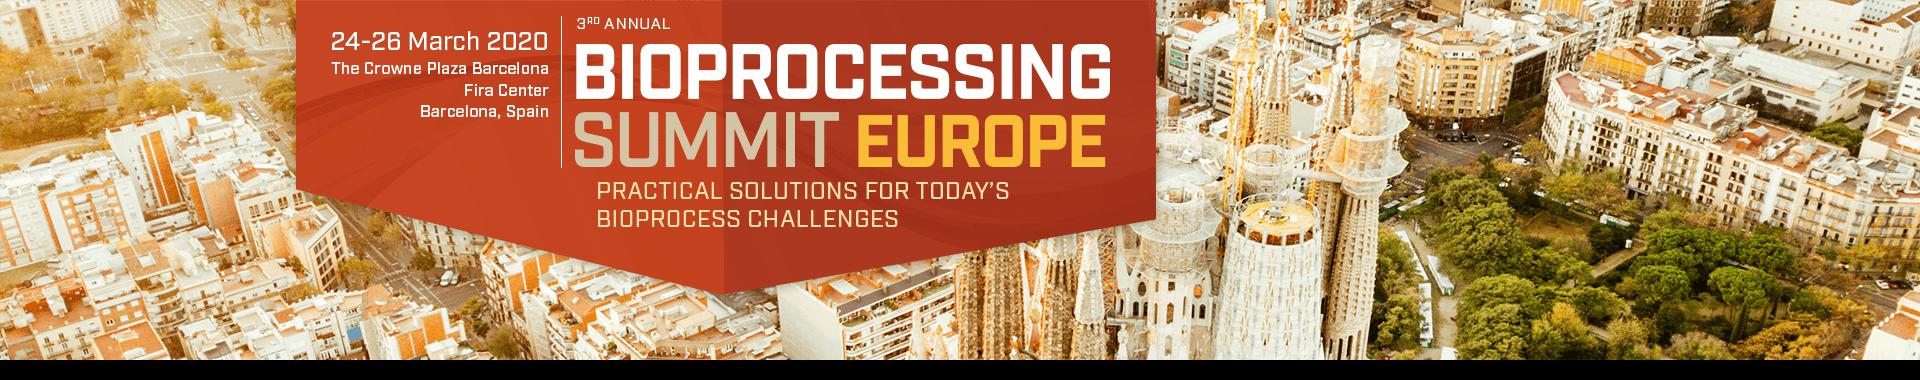 banner bioprocessing europe 2020